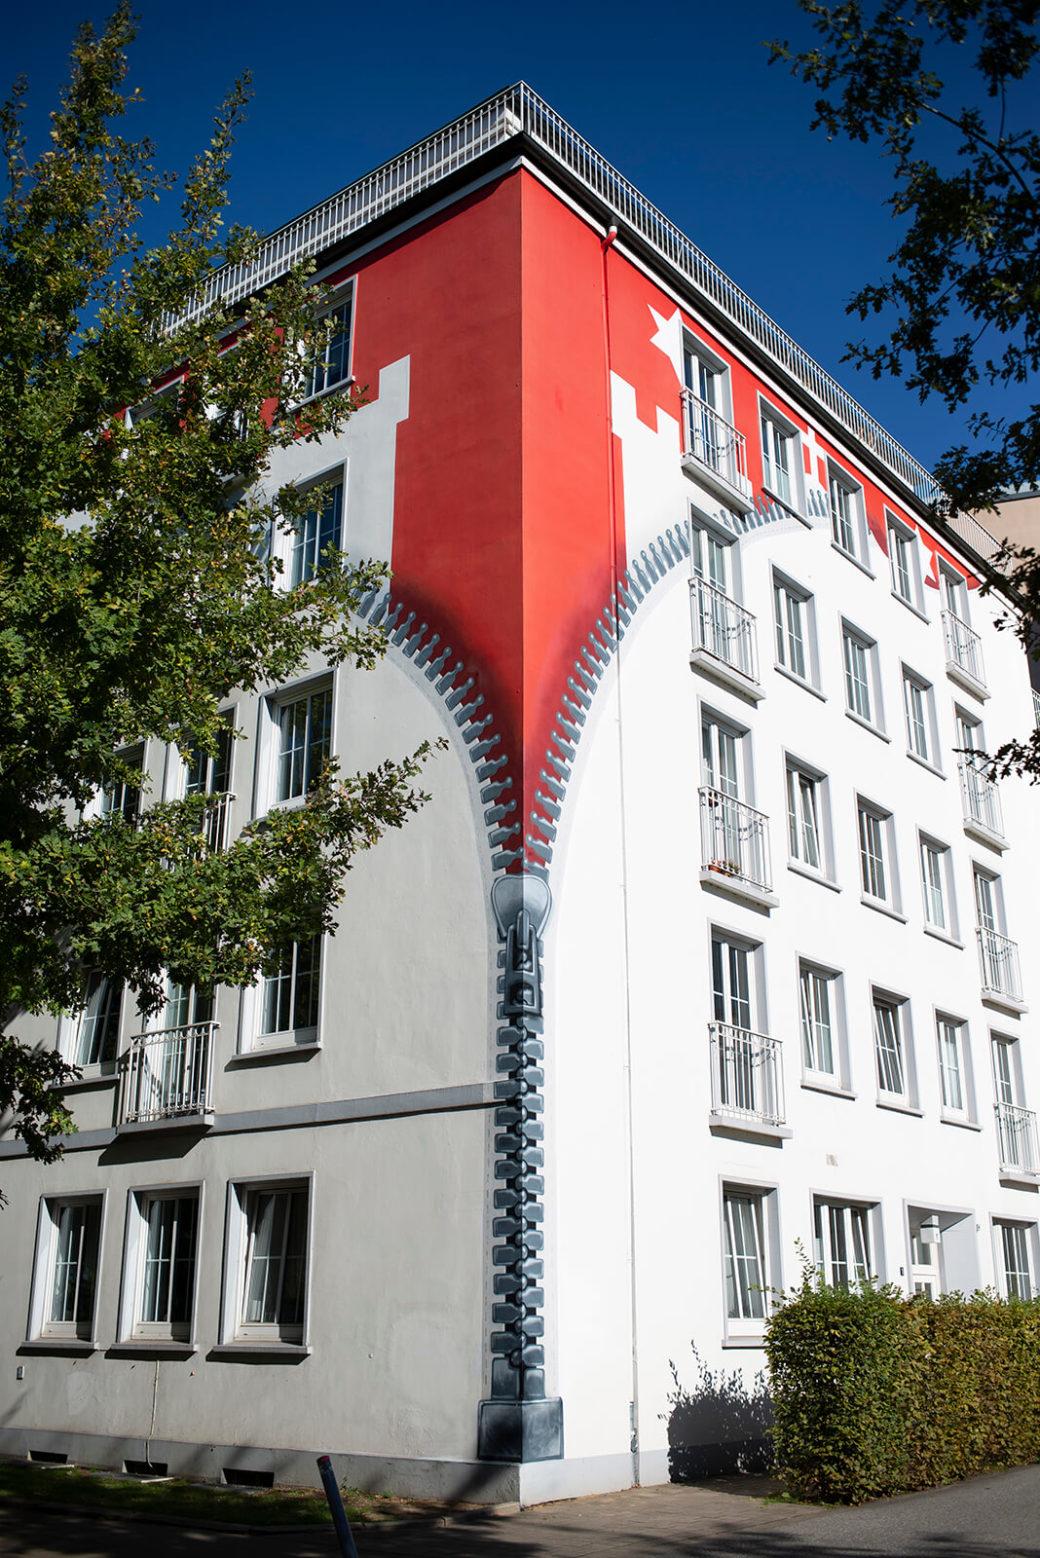 Nils Baumann: Wandbild Reißverschluss (Foto: KUNST@SH/Jan Petersen, 2020)